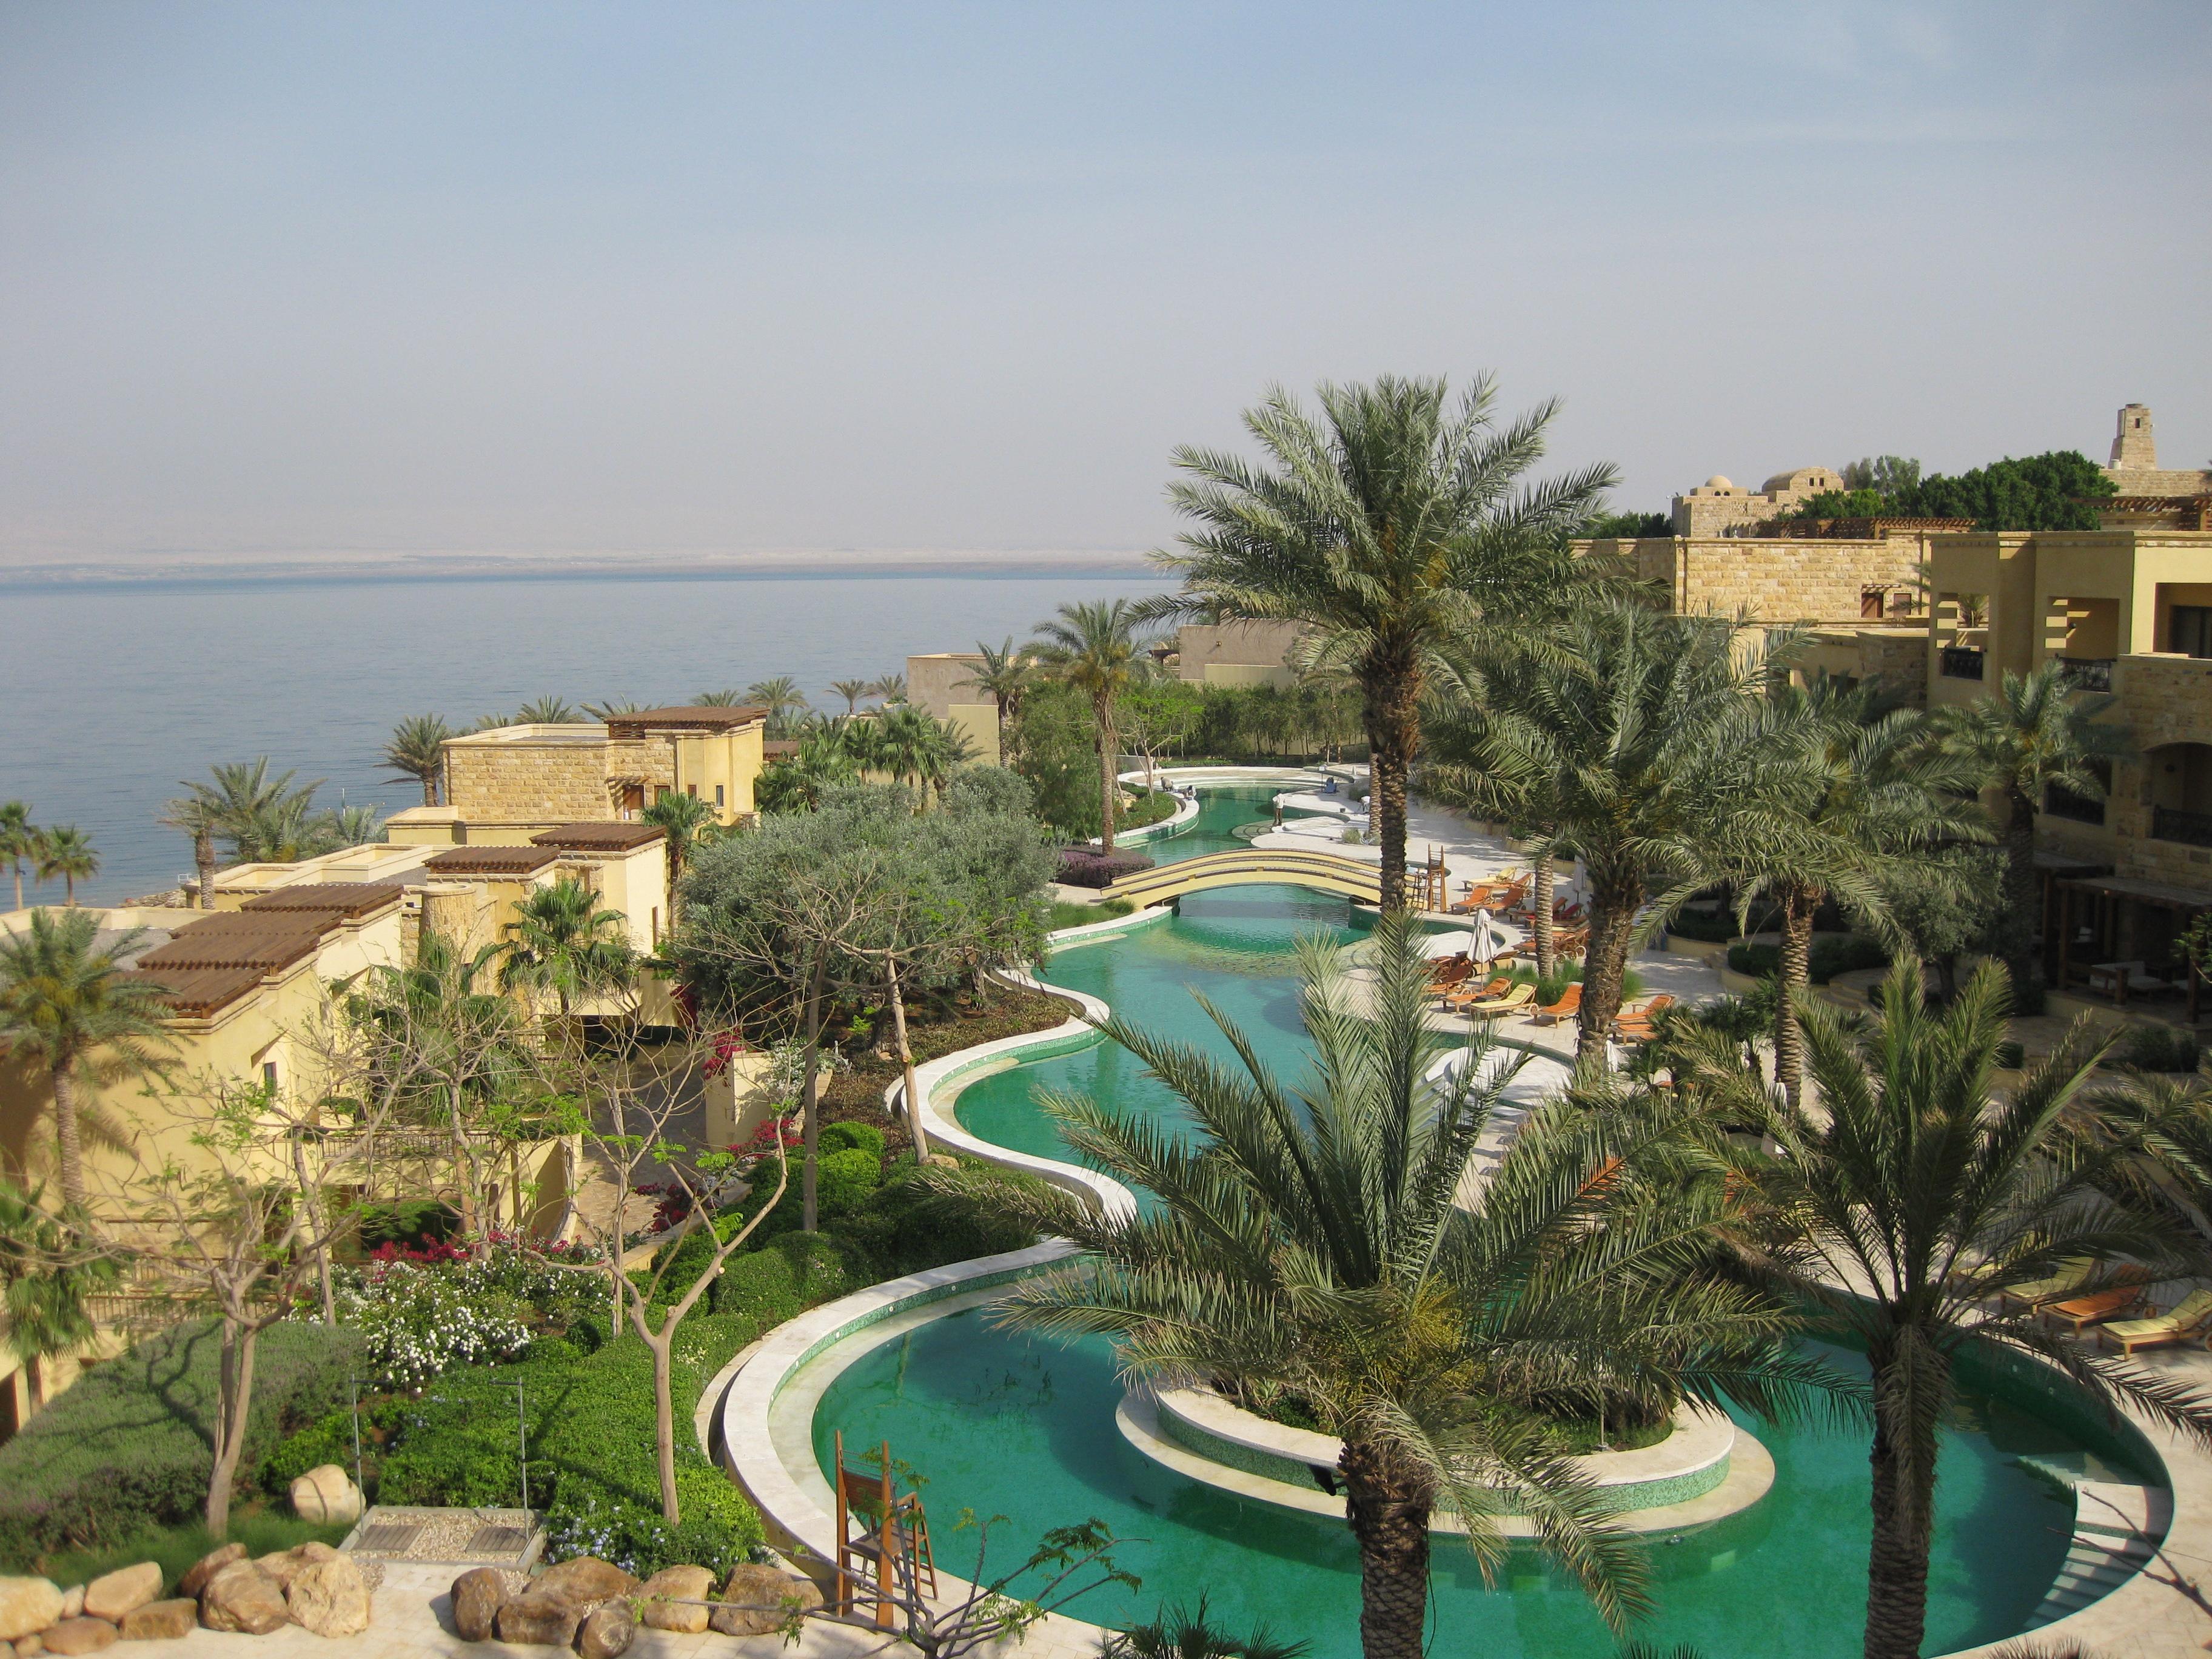 Sea  Hotel Imperial Beach Ca